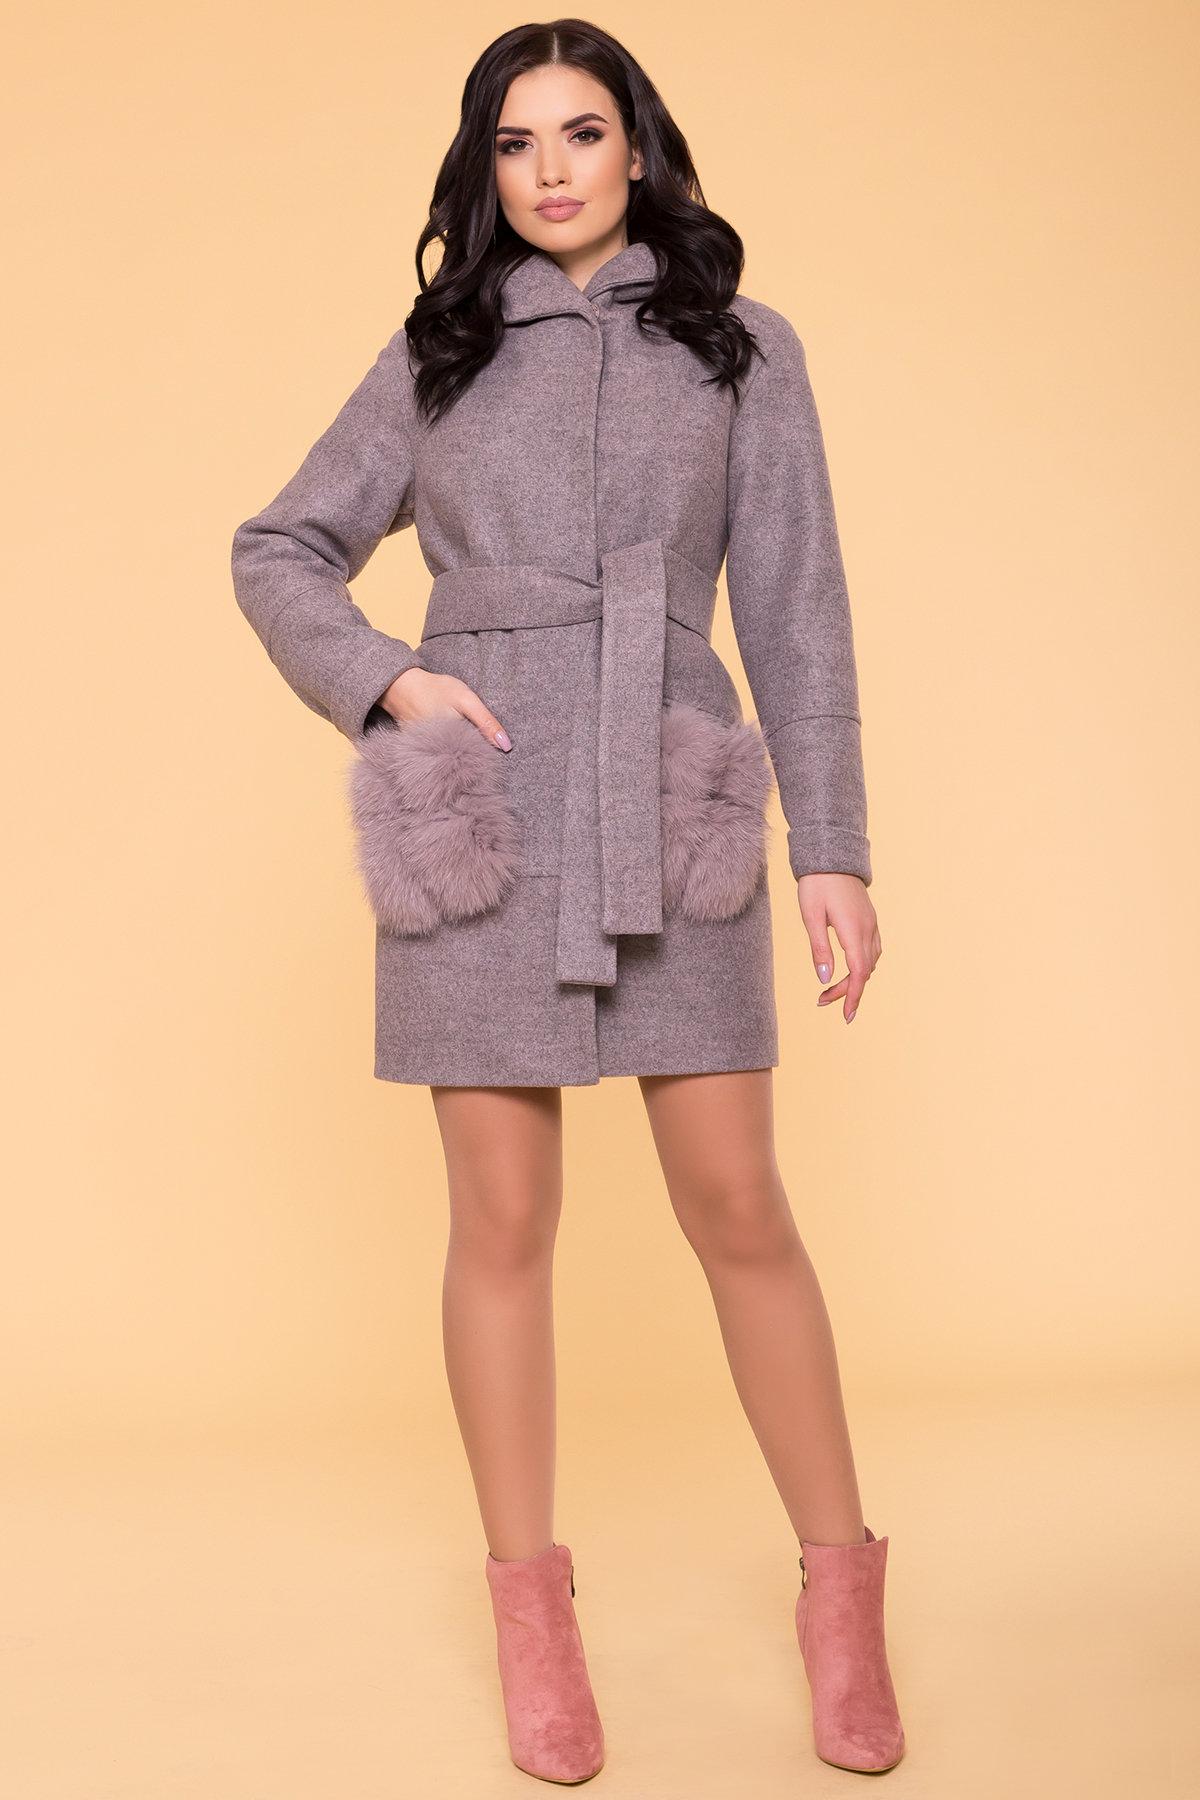 Пальто женское зимнее купить от Modus Зимнее пальто с меховыми карманами Анита 3820